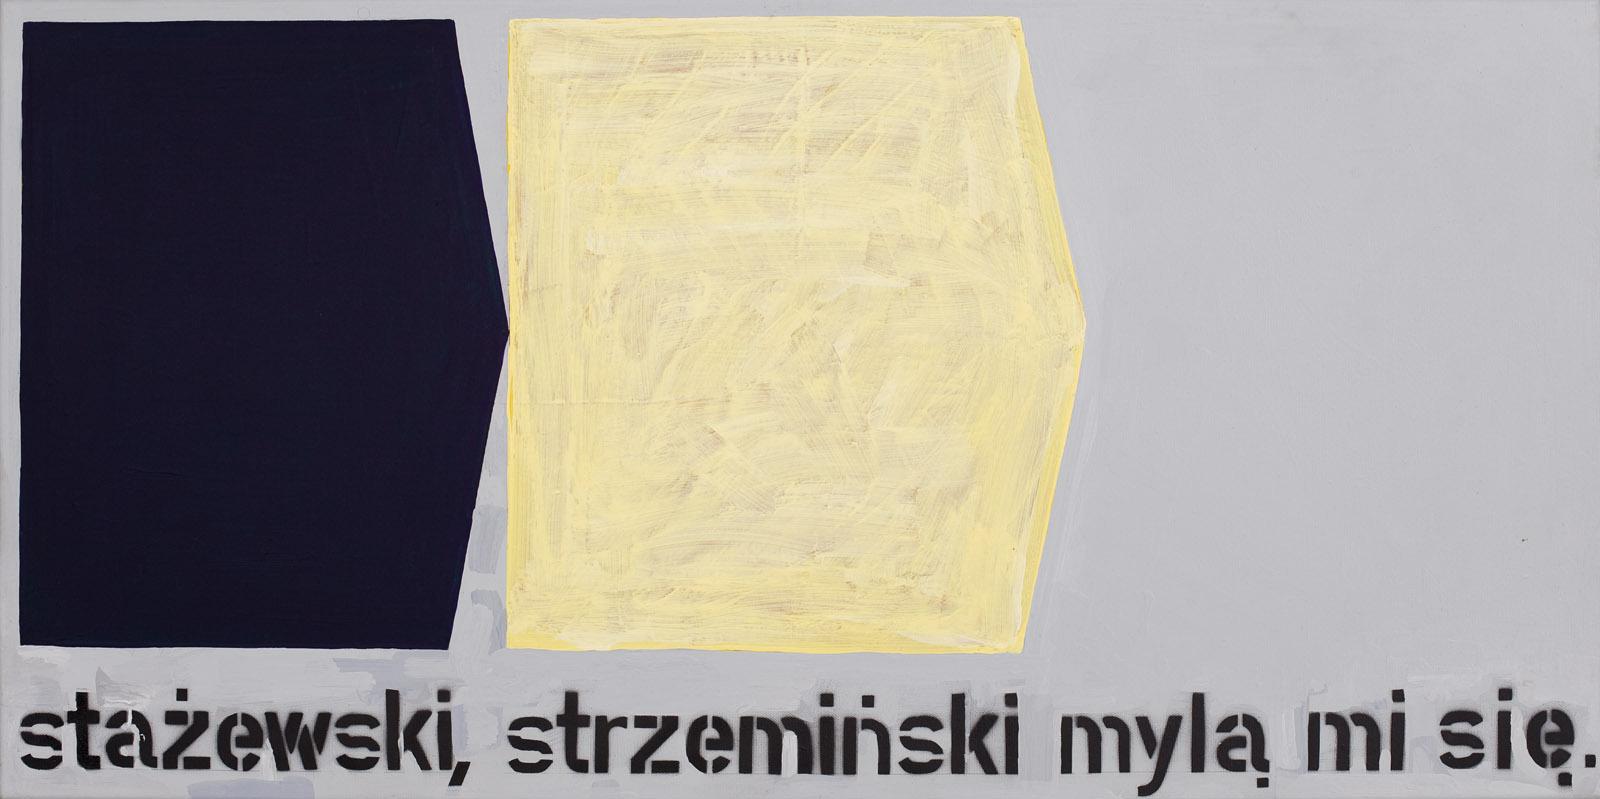 """Paweł Susid (1952), """"Strzemiński i Stażewski mylą mi się"""", 1986/2008; akryl, płótno; 50 x 100; własność autora; fot. Marcin Kucewicz (źródło: materiały prasowe organizatora)"""